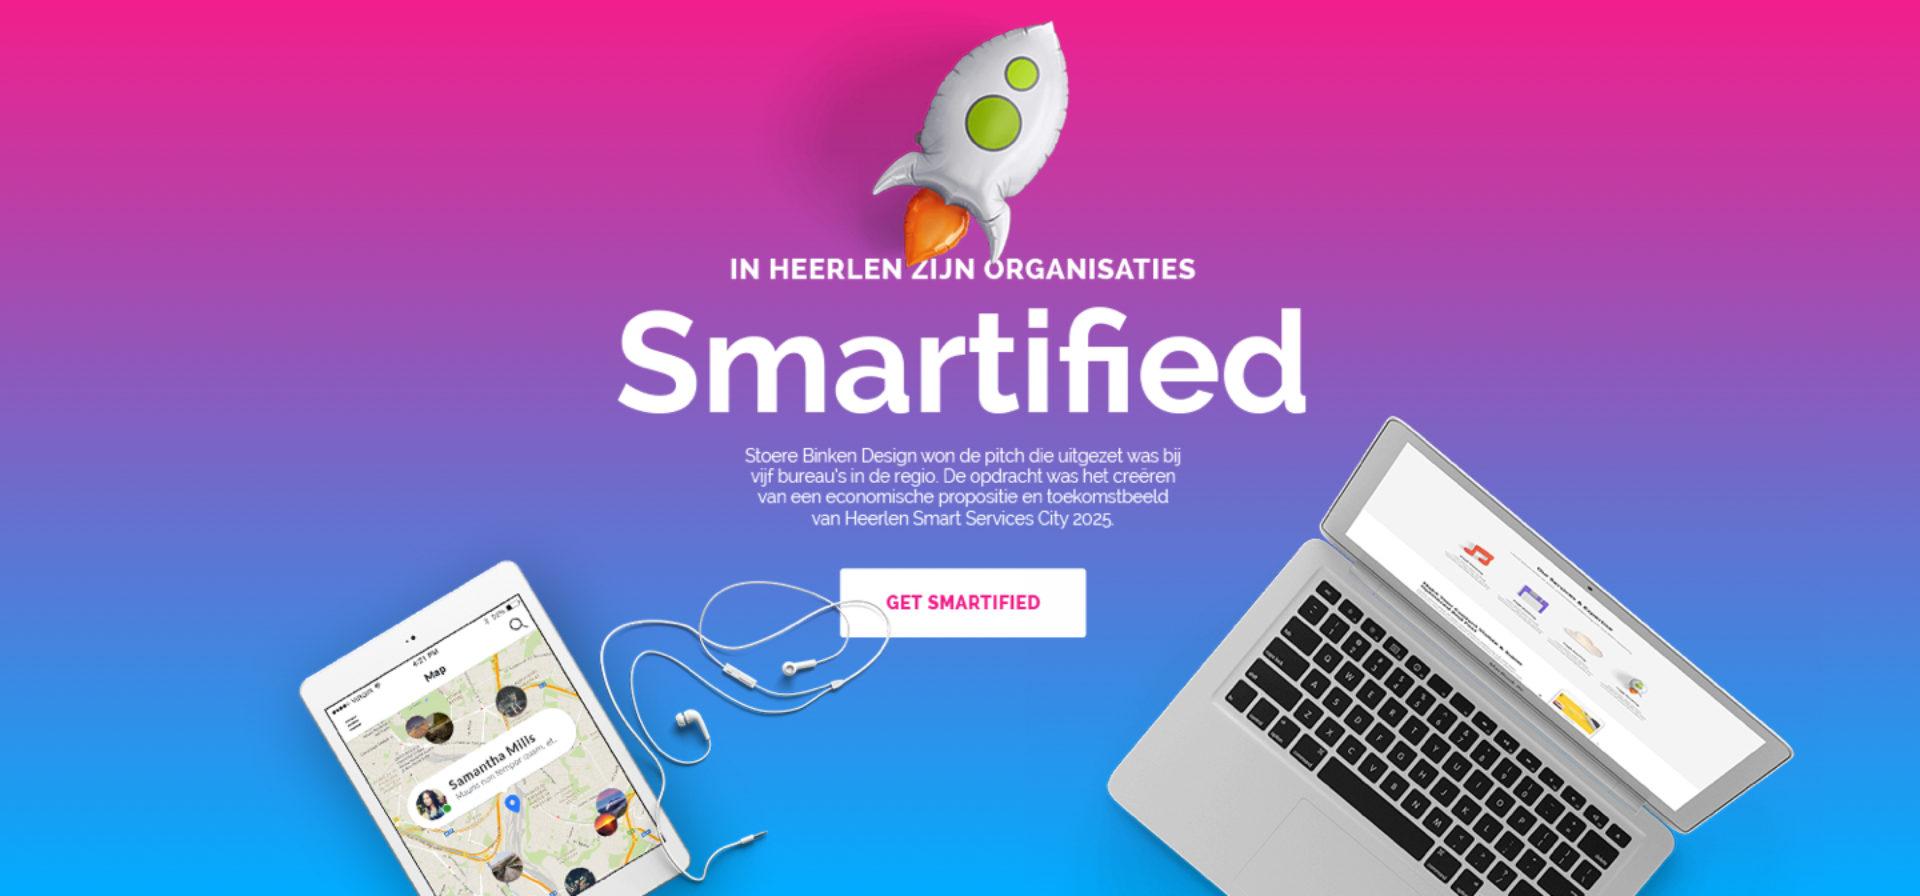 Smartified Heerlen banner - Rene Verkaart)